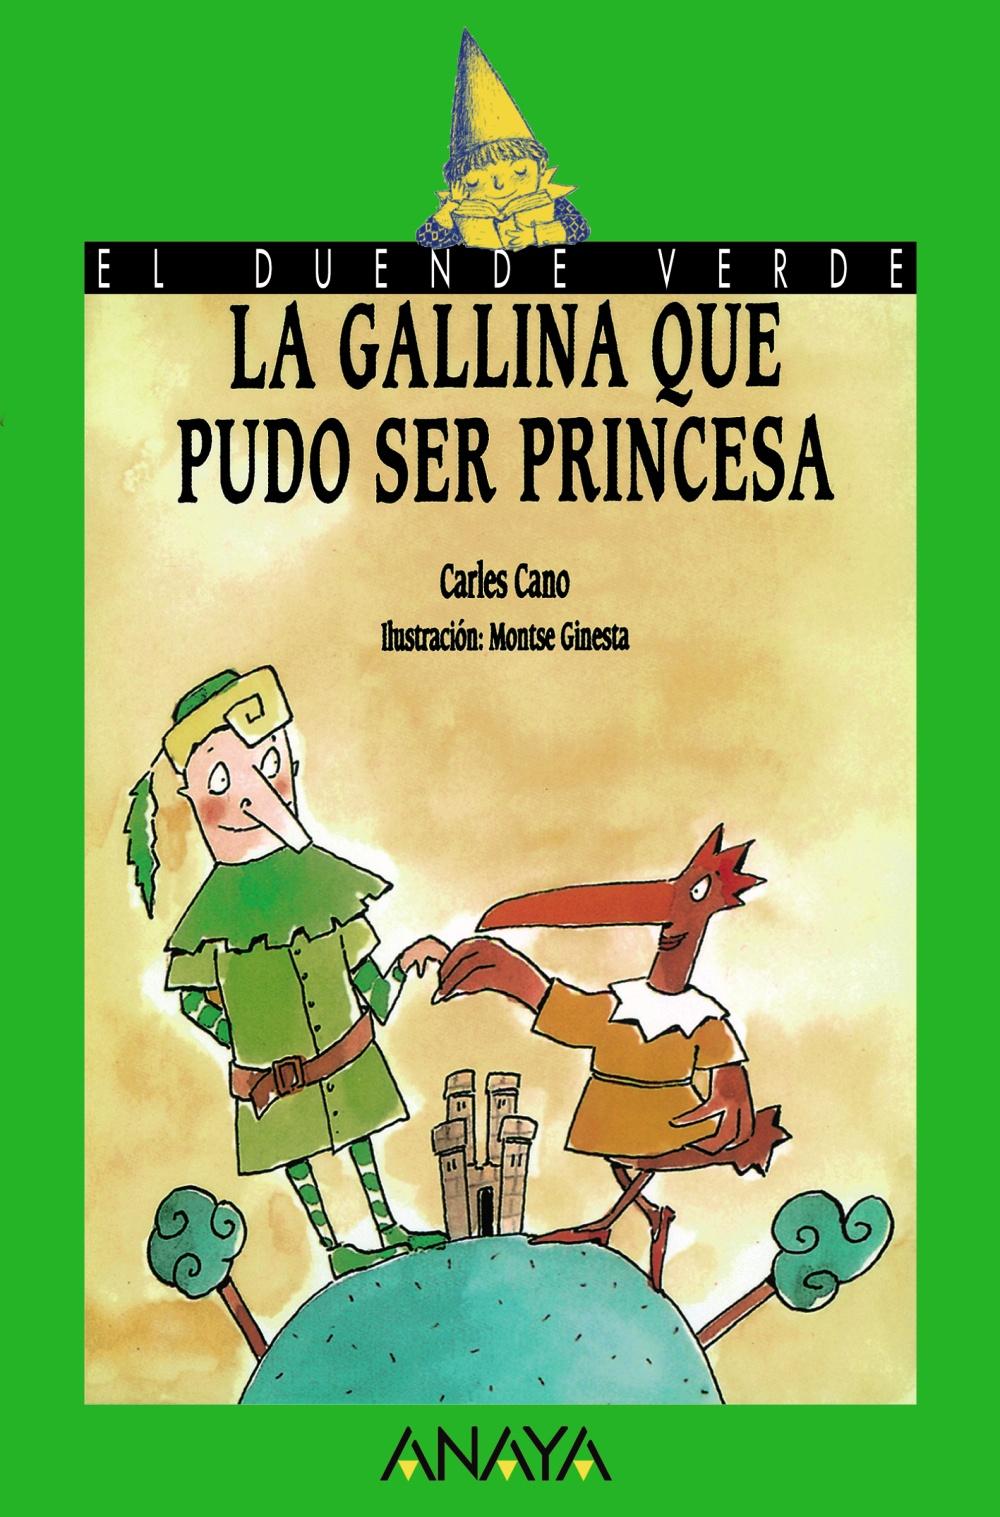 La gallina que pudo ser princesa | Anaya Infantil y Juvenil